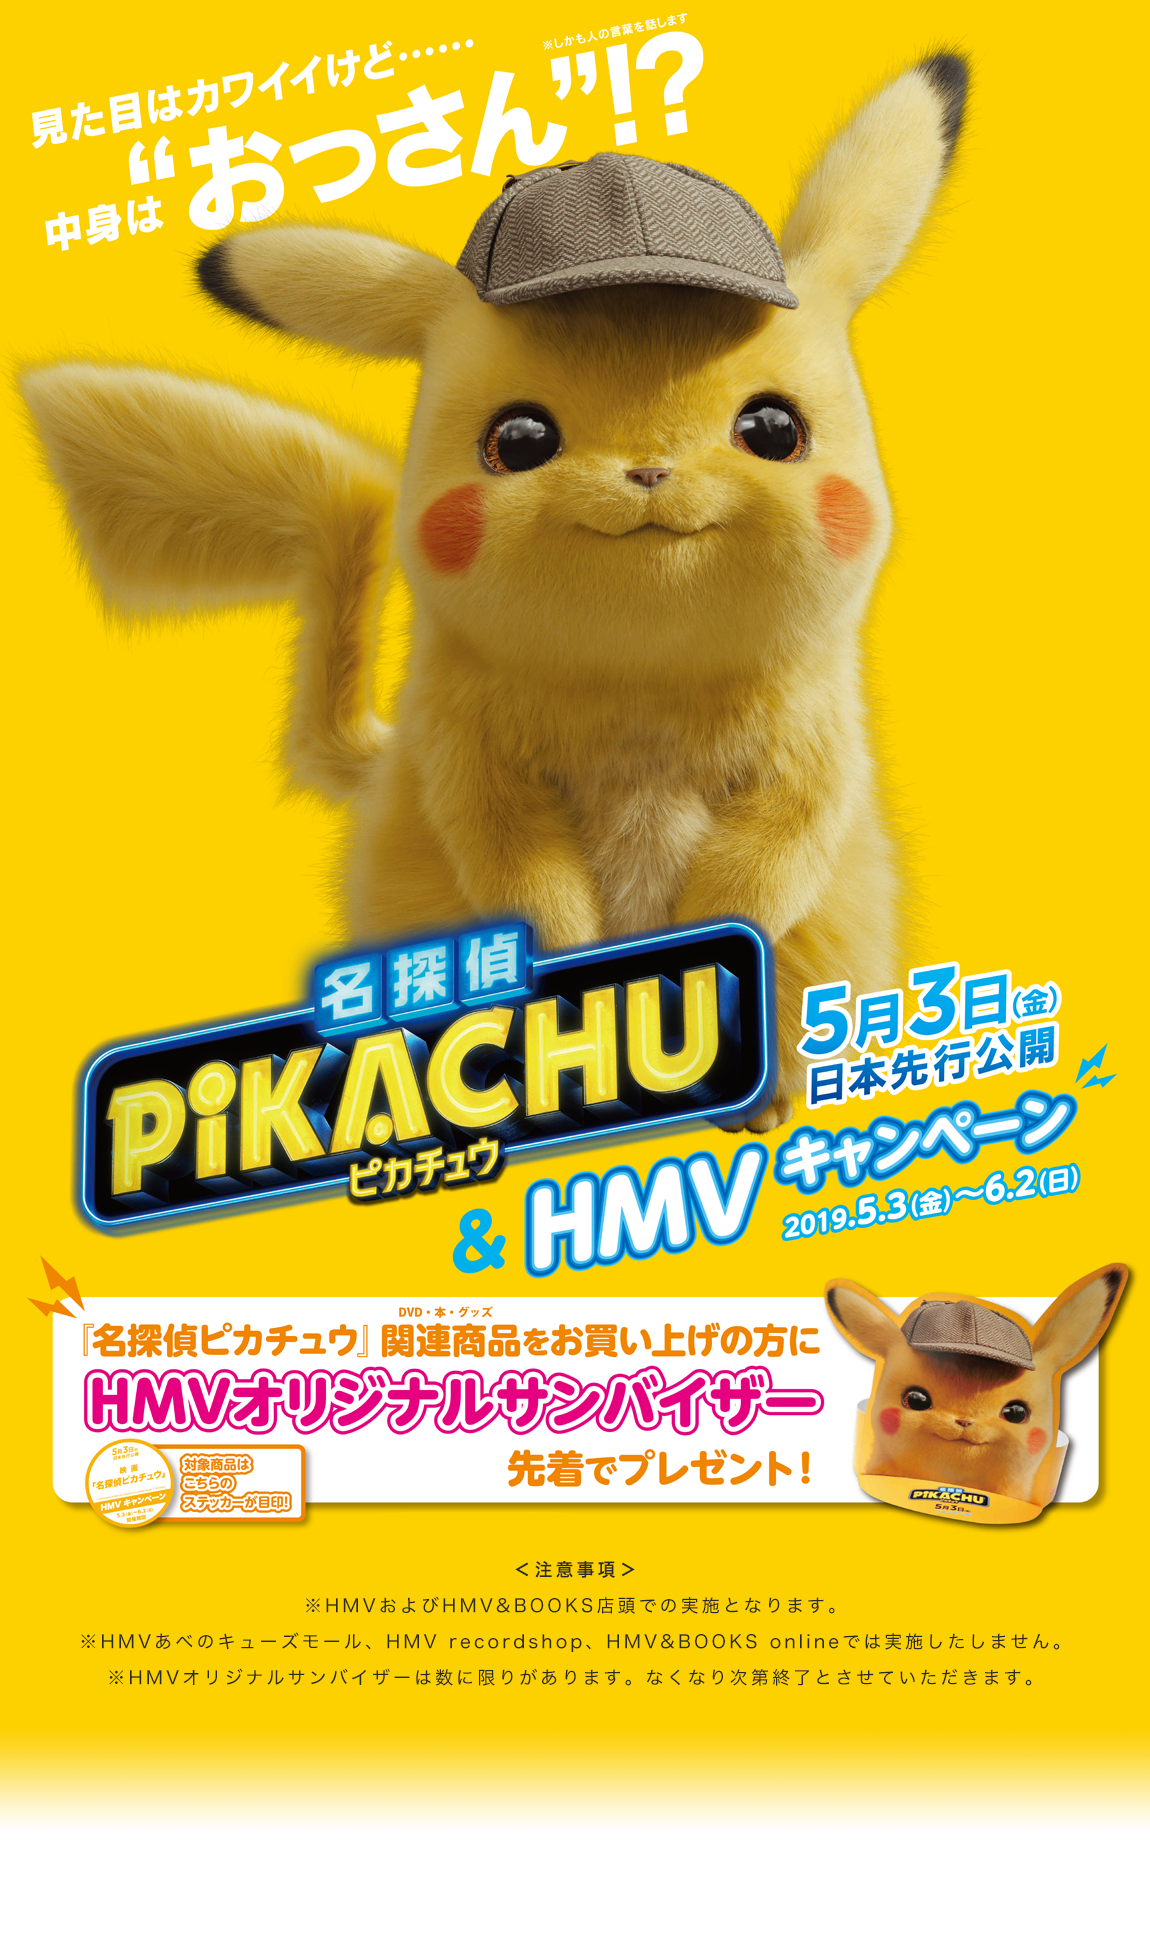 名探偵ピカチュウ & HMV キャンペーン